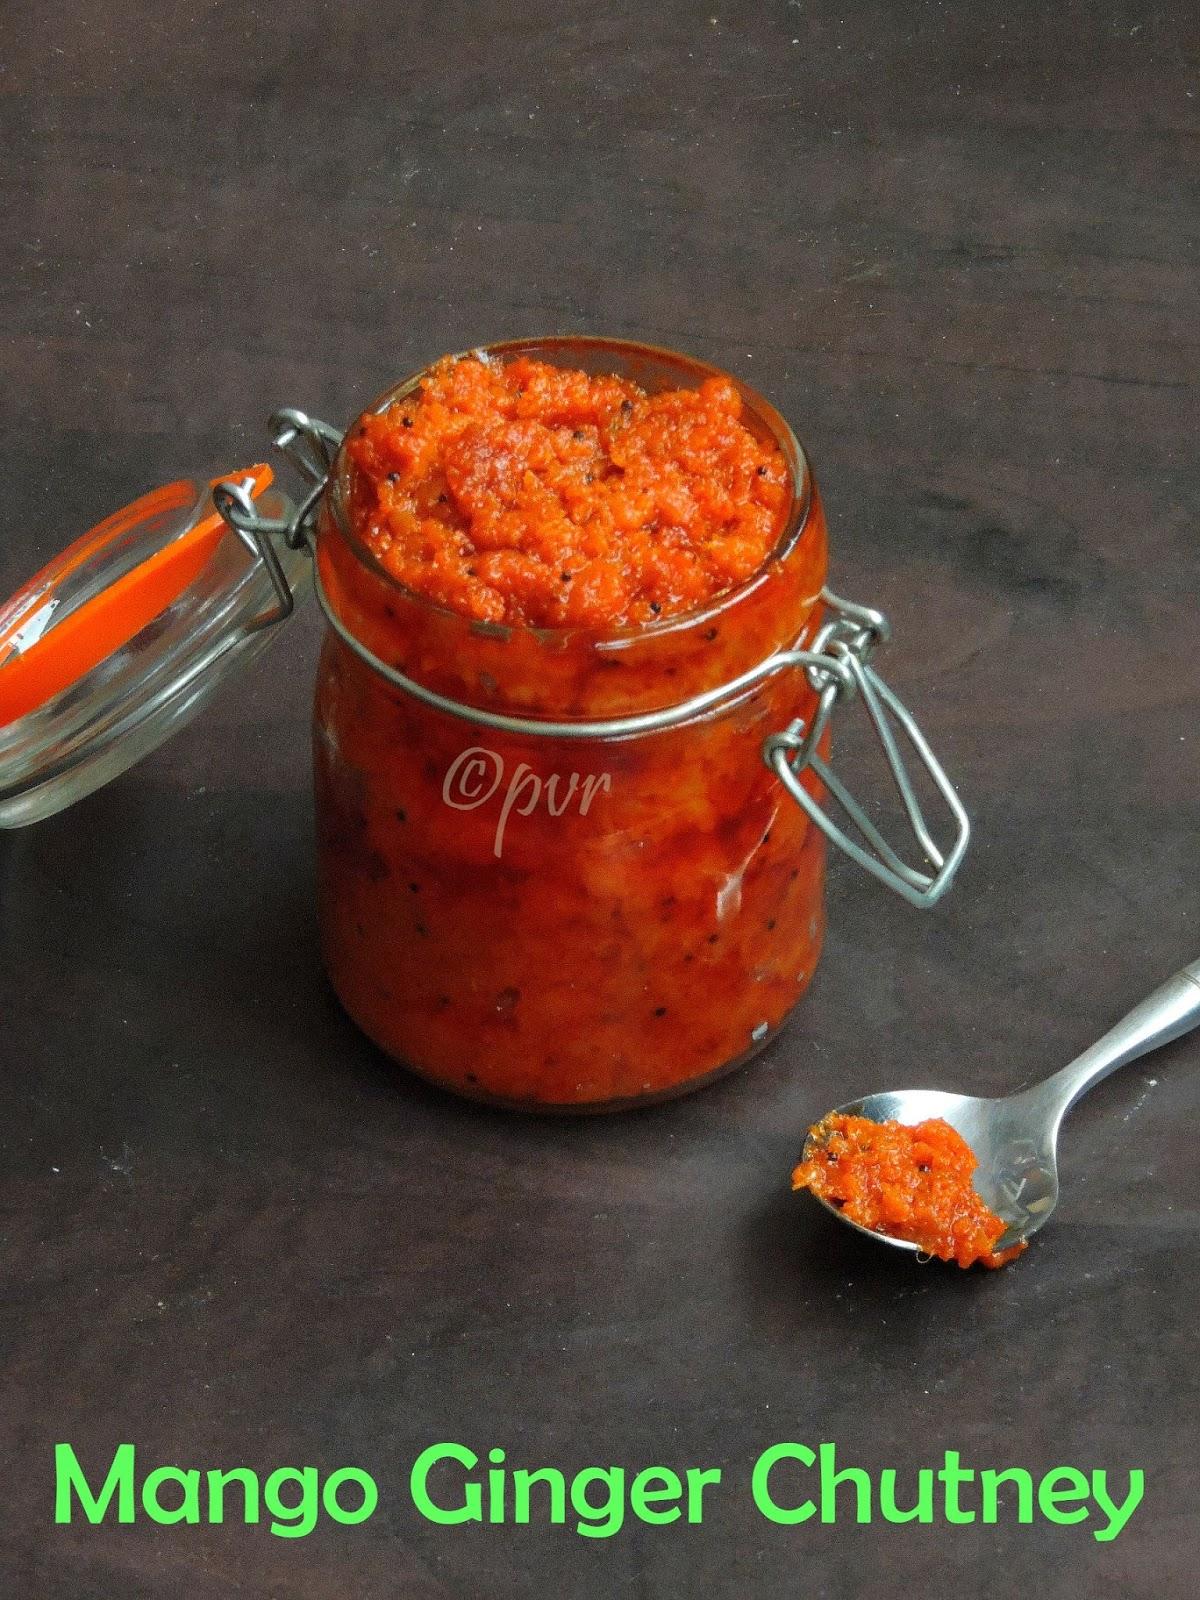 Mango ginger chutney, Aamba Haldi Chutney